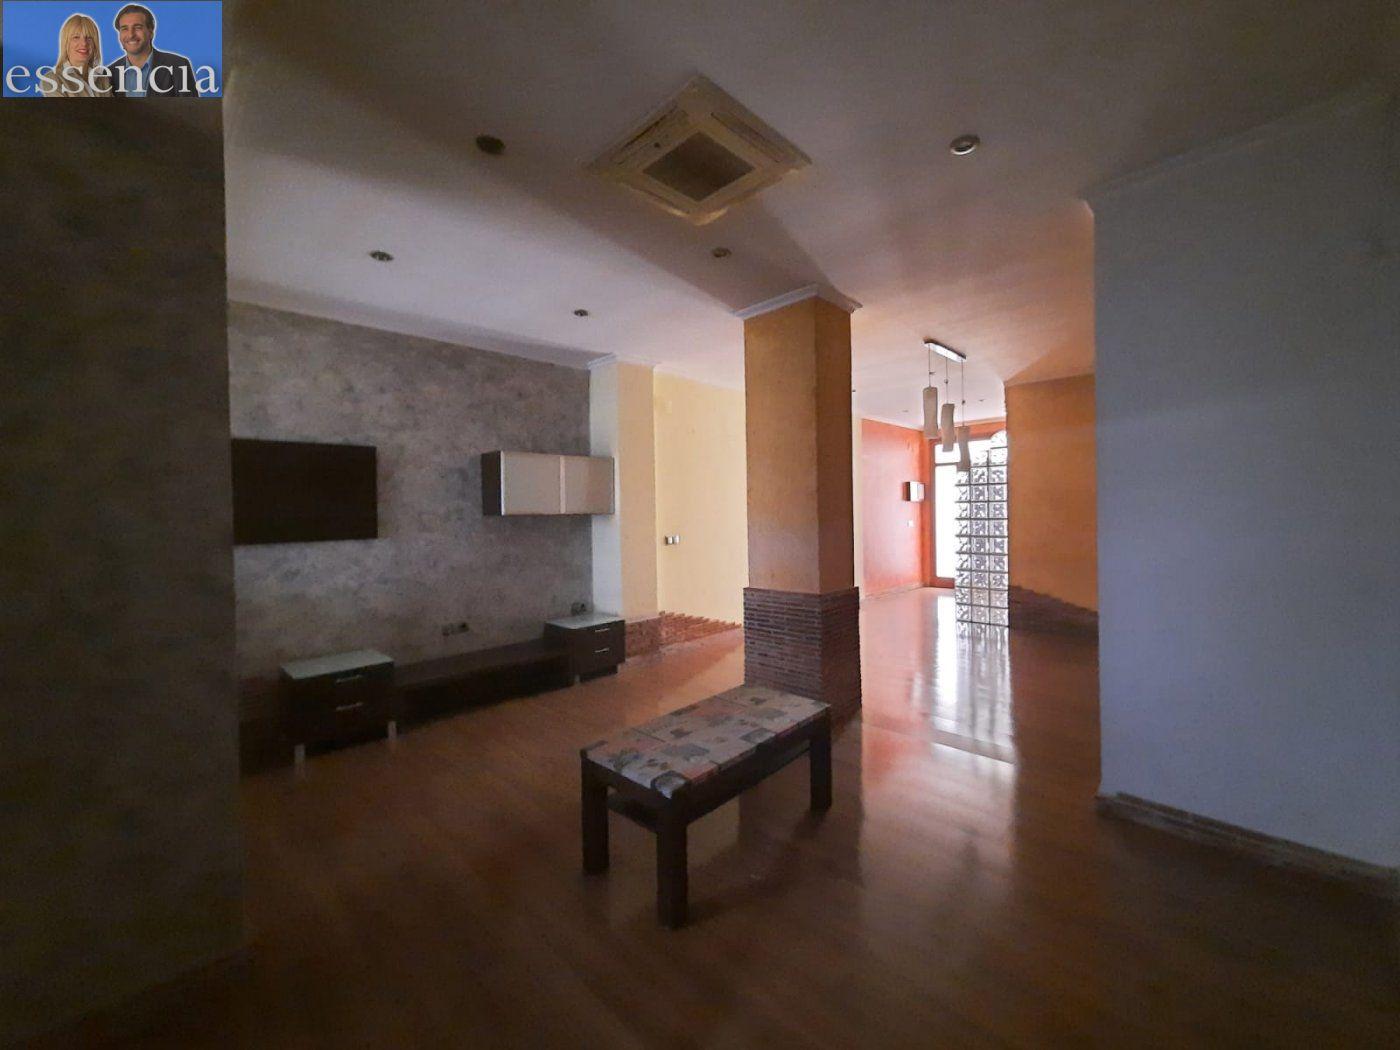 Bajo de 2 dormitorios y 2 baños con patio - imagenInmueble7